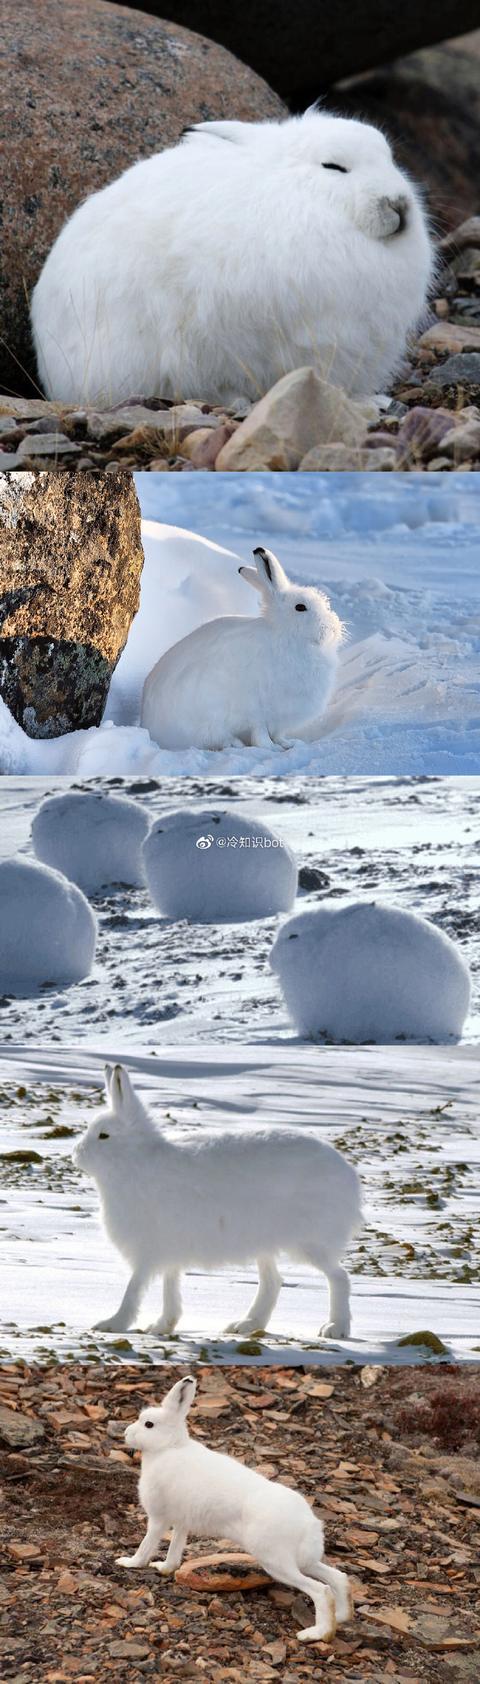 当北极兔站起来之后